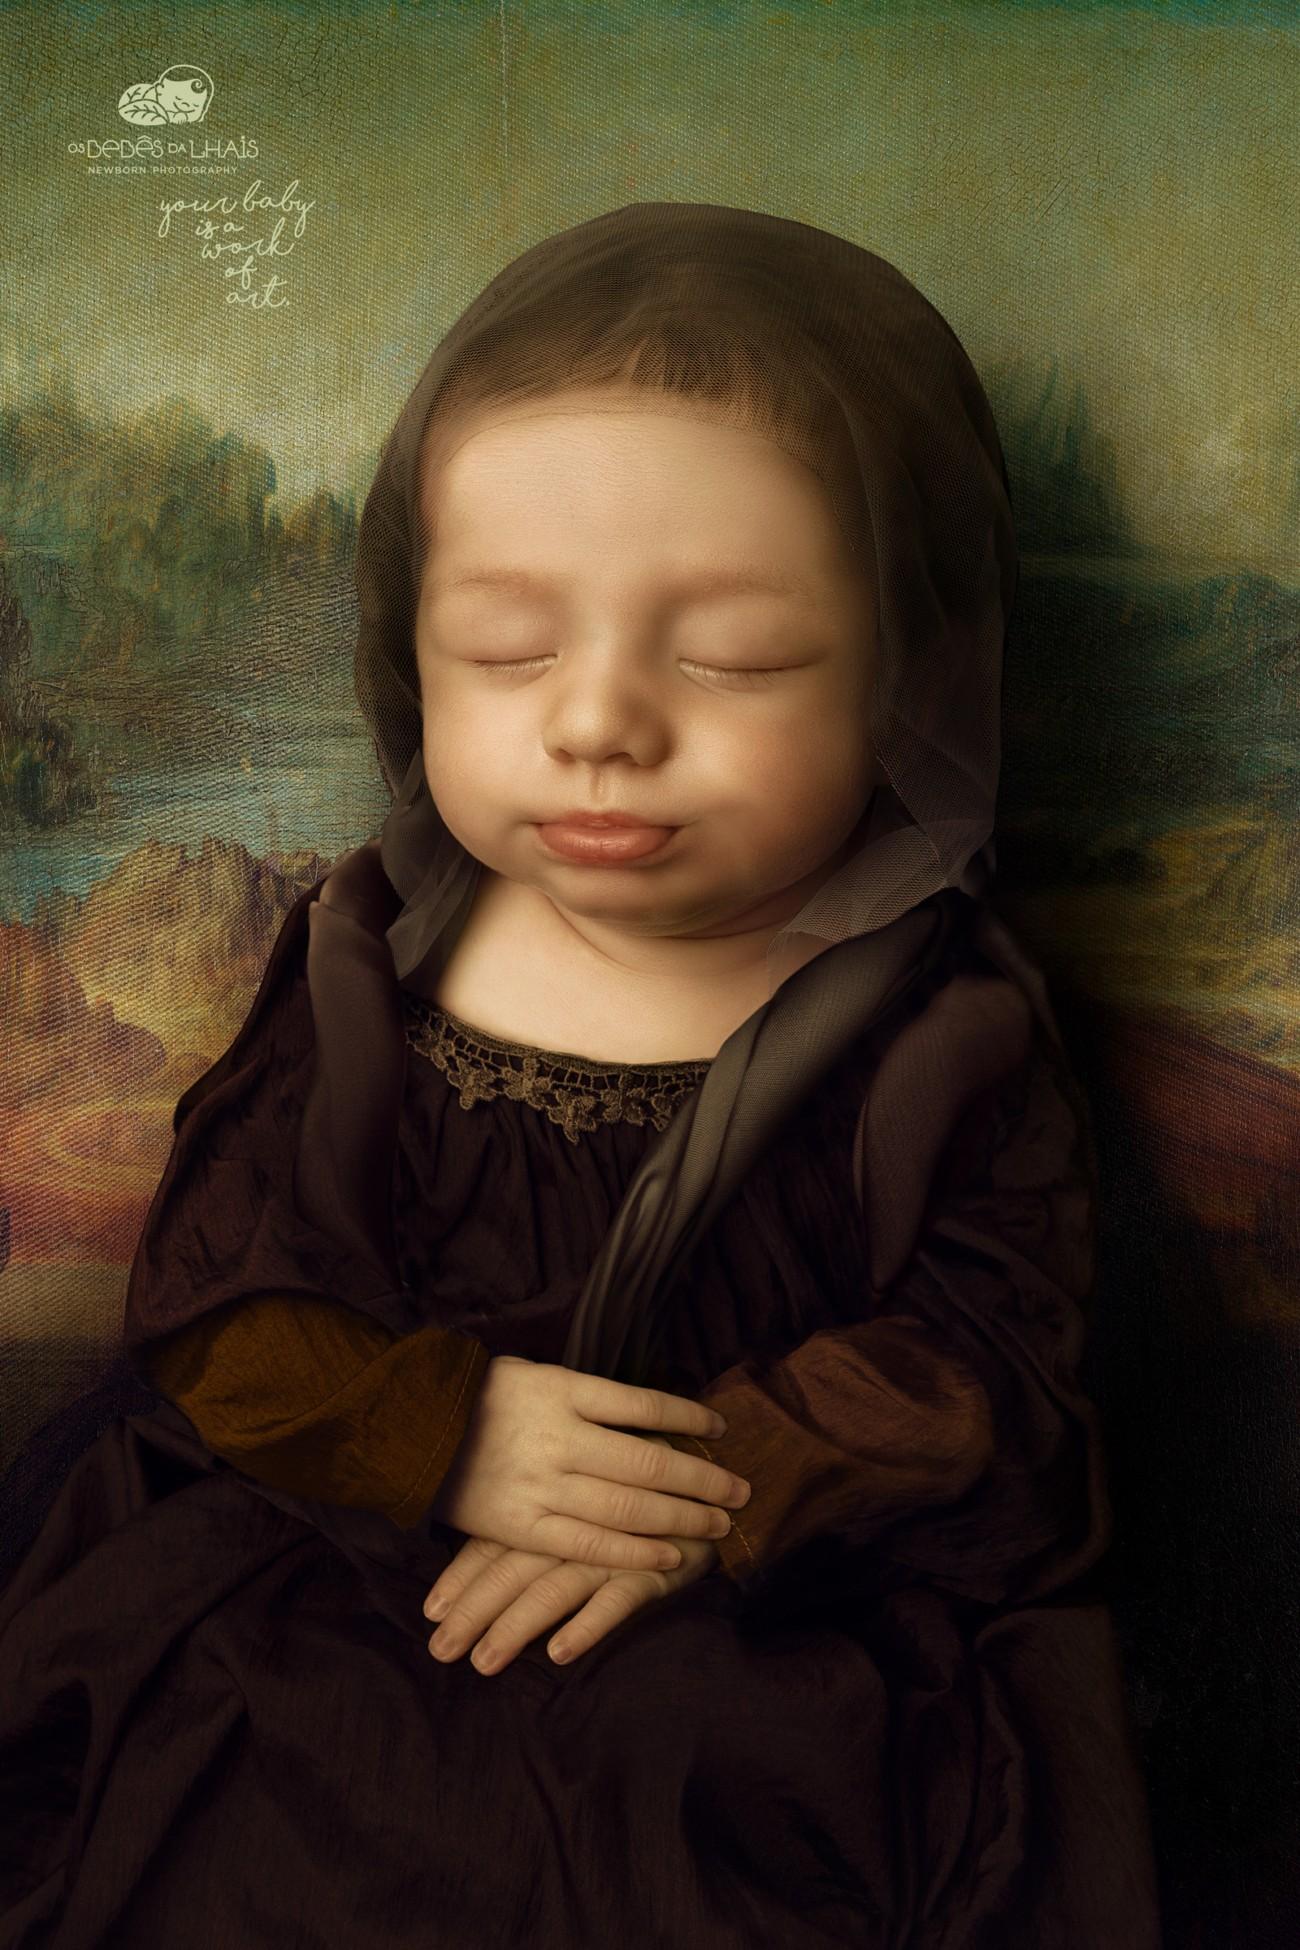 您的宝宝是一件艺术品!Os Bebês da Lhais摄影工作室创意广告